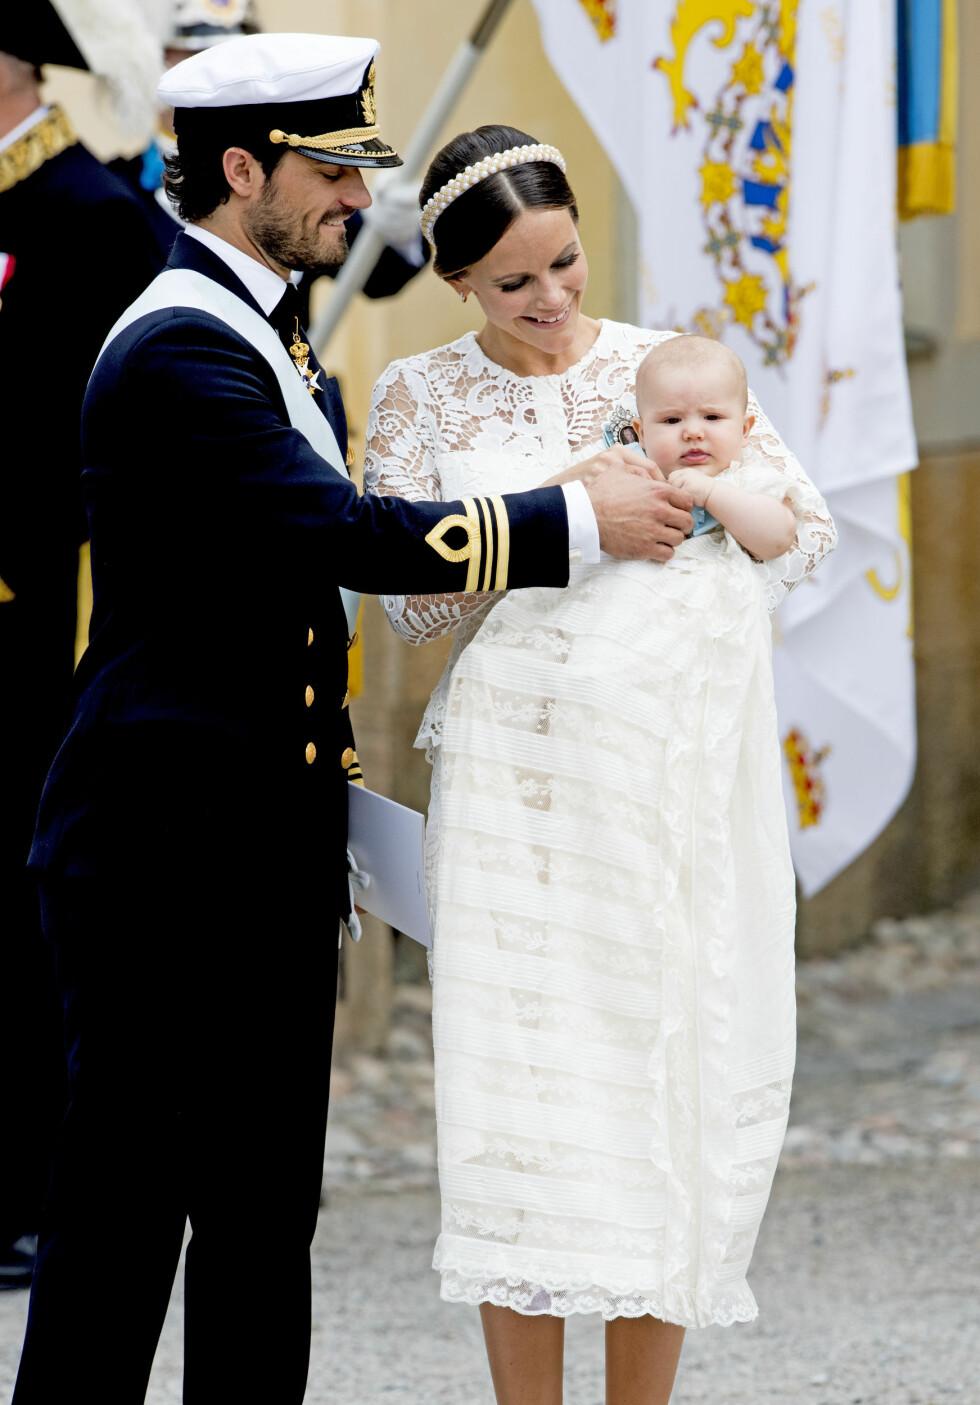 STOLTE FORELDRE: Prins Carl Philip og prinsesse Sofia viste fram dåpsbarnet til folket. Han var ikledd en dåpskjole som ble tatt i bruk for første gang i 1906.  Foto: NTB Scanpix